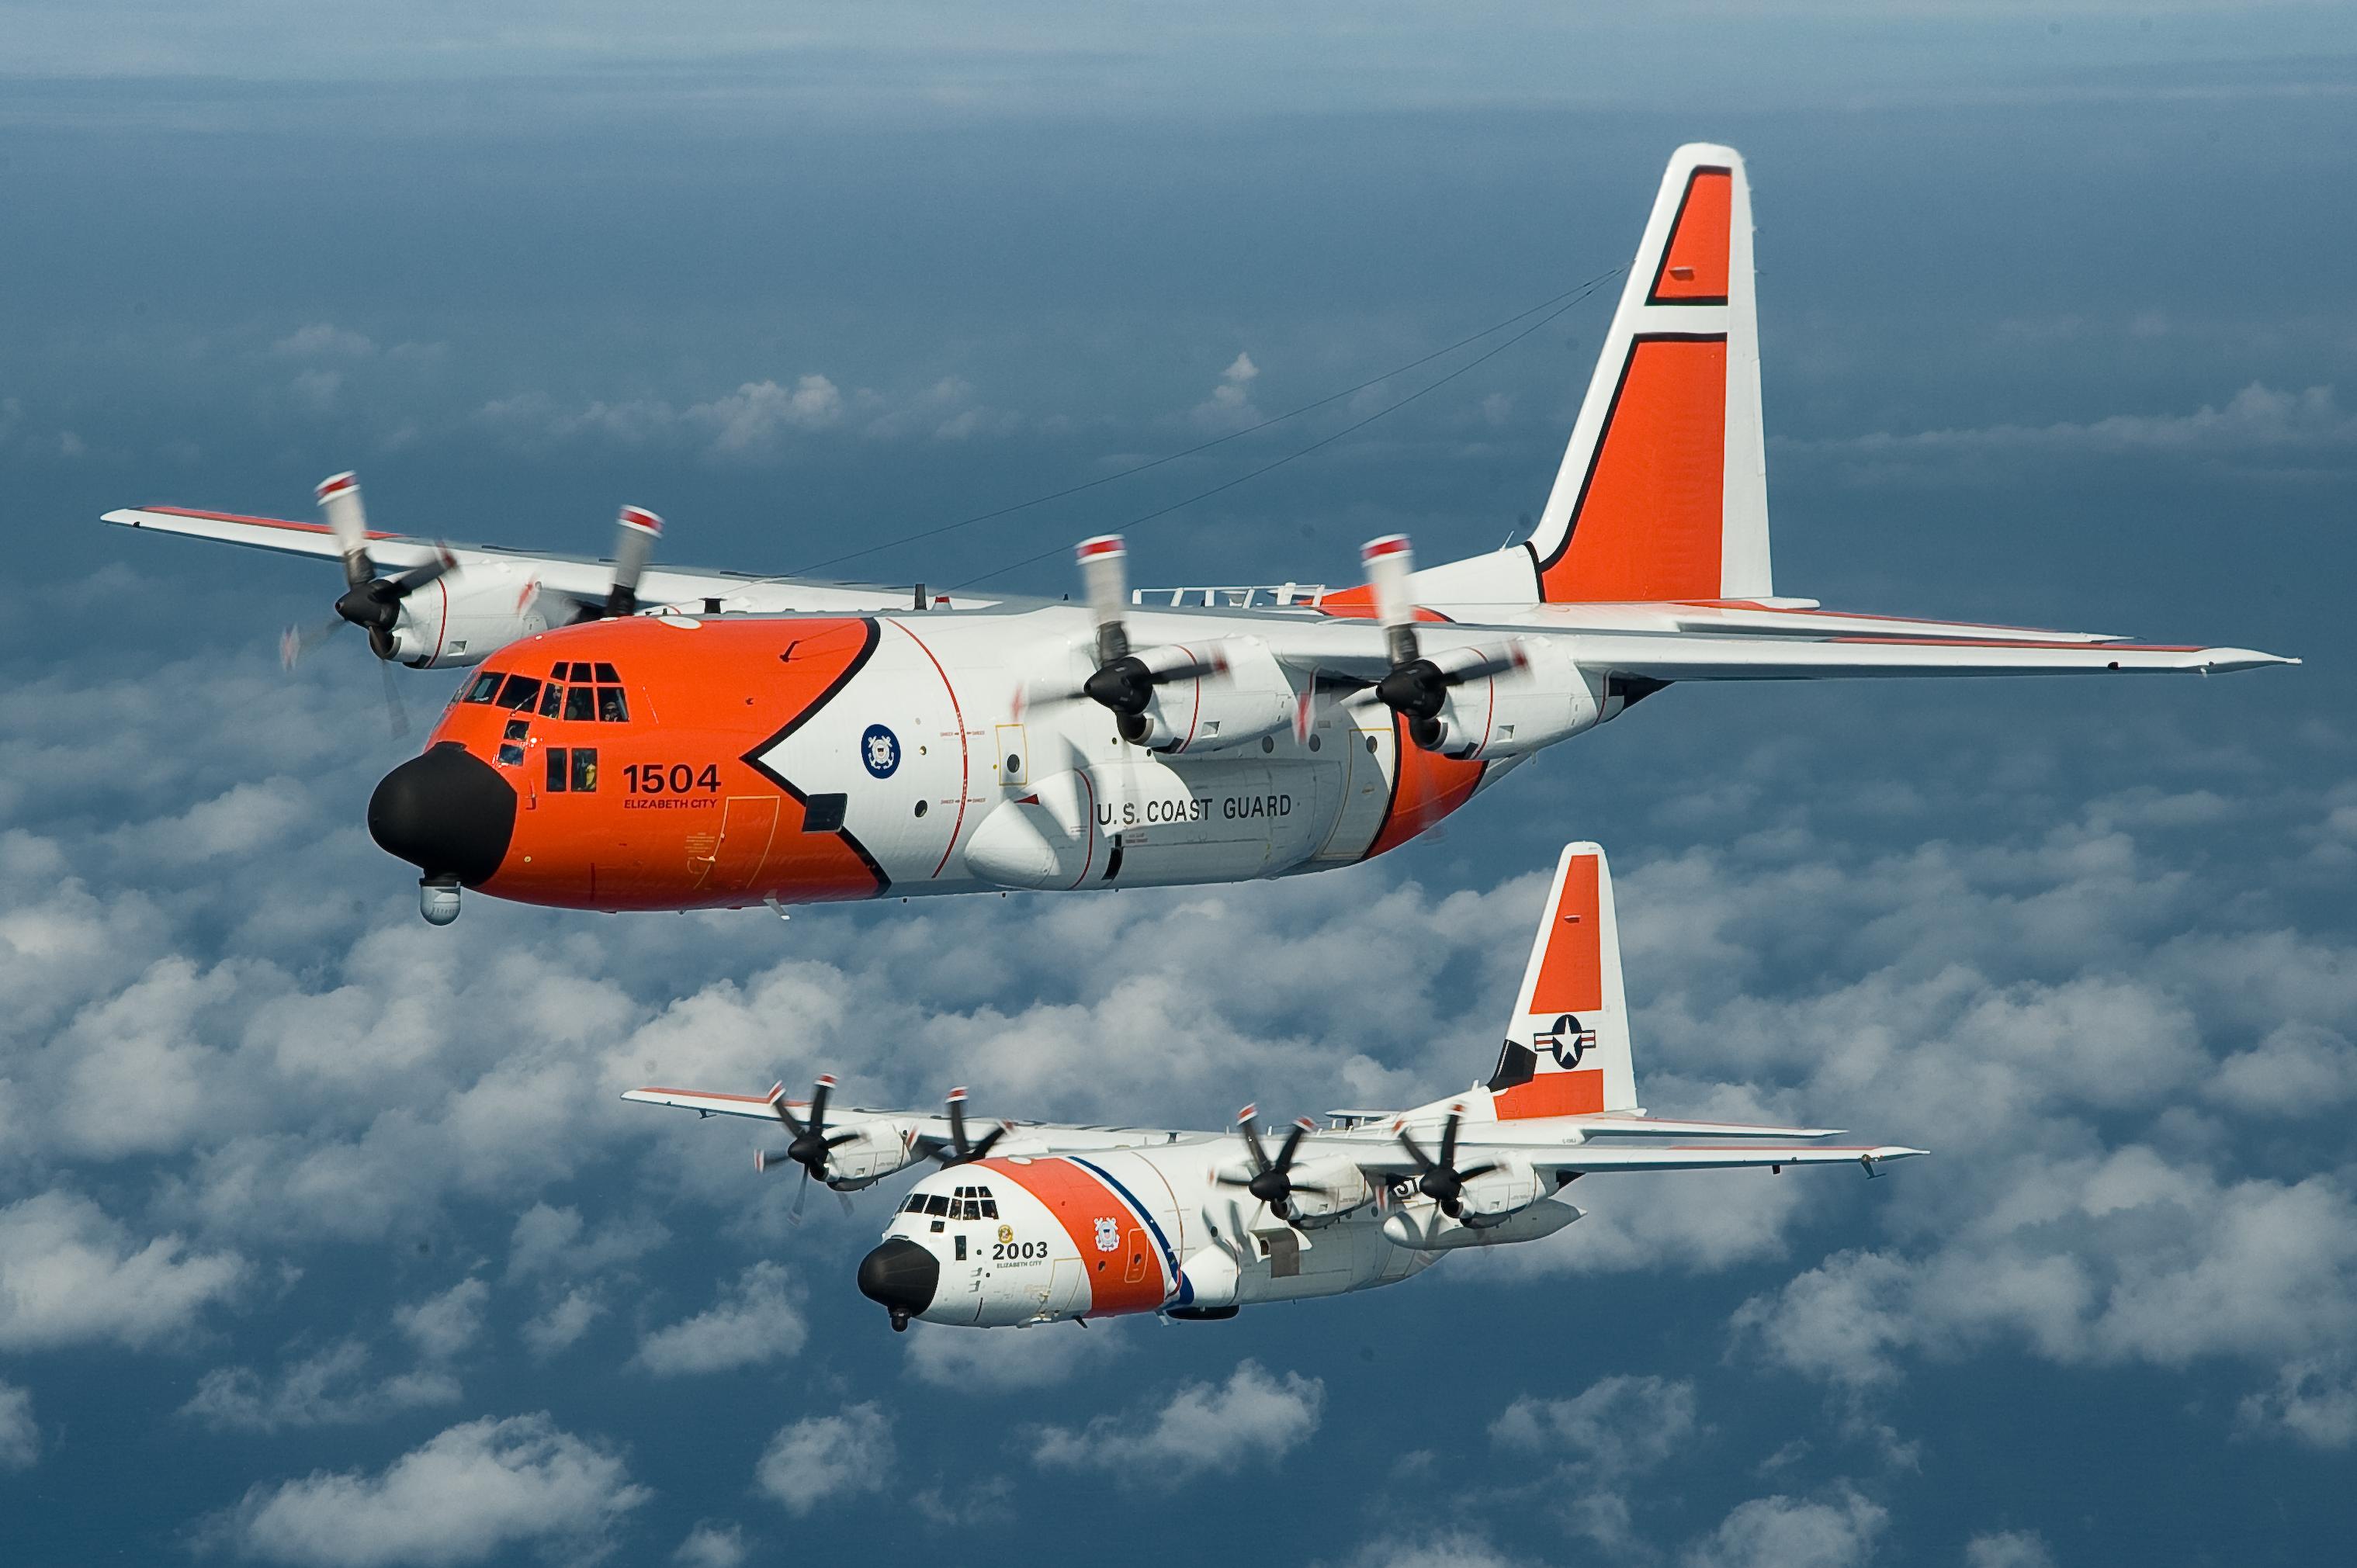 Пропеллерные самолеты над озером без регистрации Обои на рабочий стол -  Mirowo